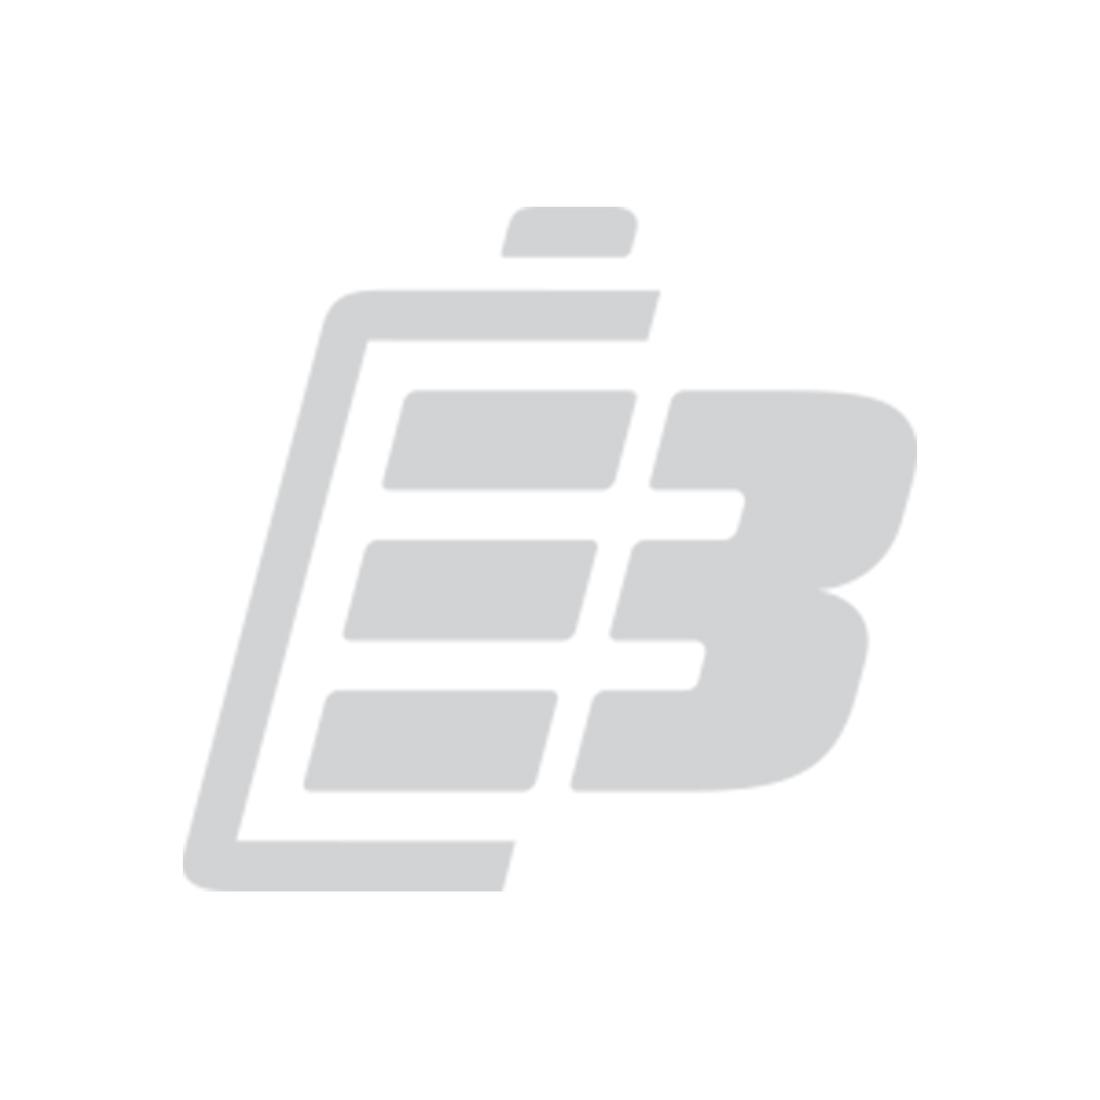 GPS battery Spectra MobileMapper 20_1